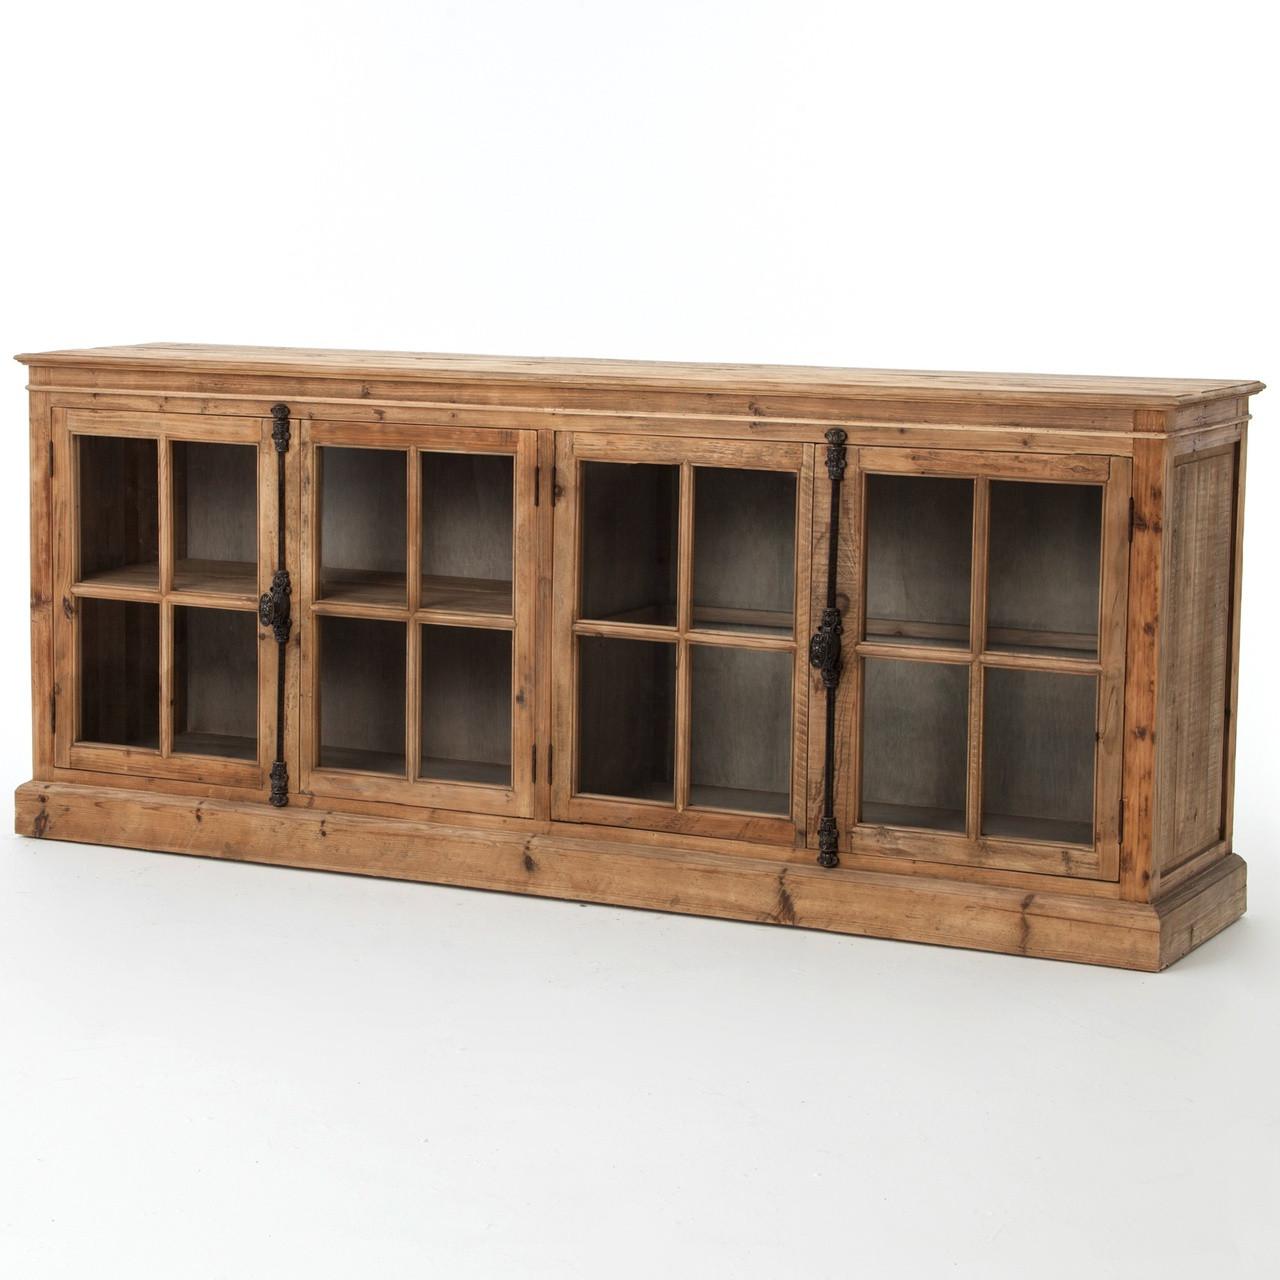 monaco reclaimed wood buffet sideboard   zin home - monaco reclaimed wood buffet sideboard